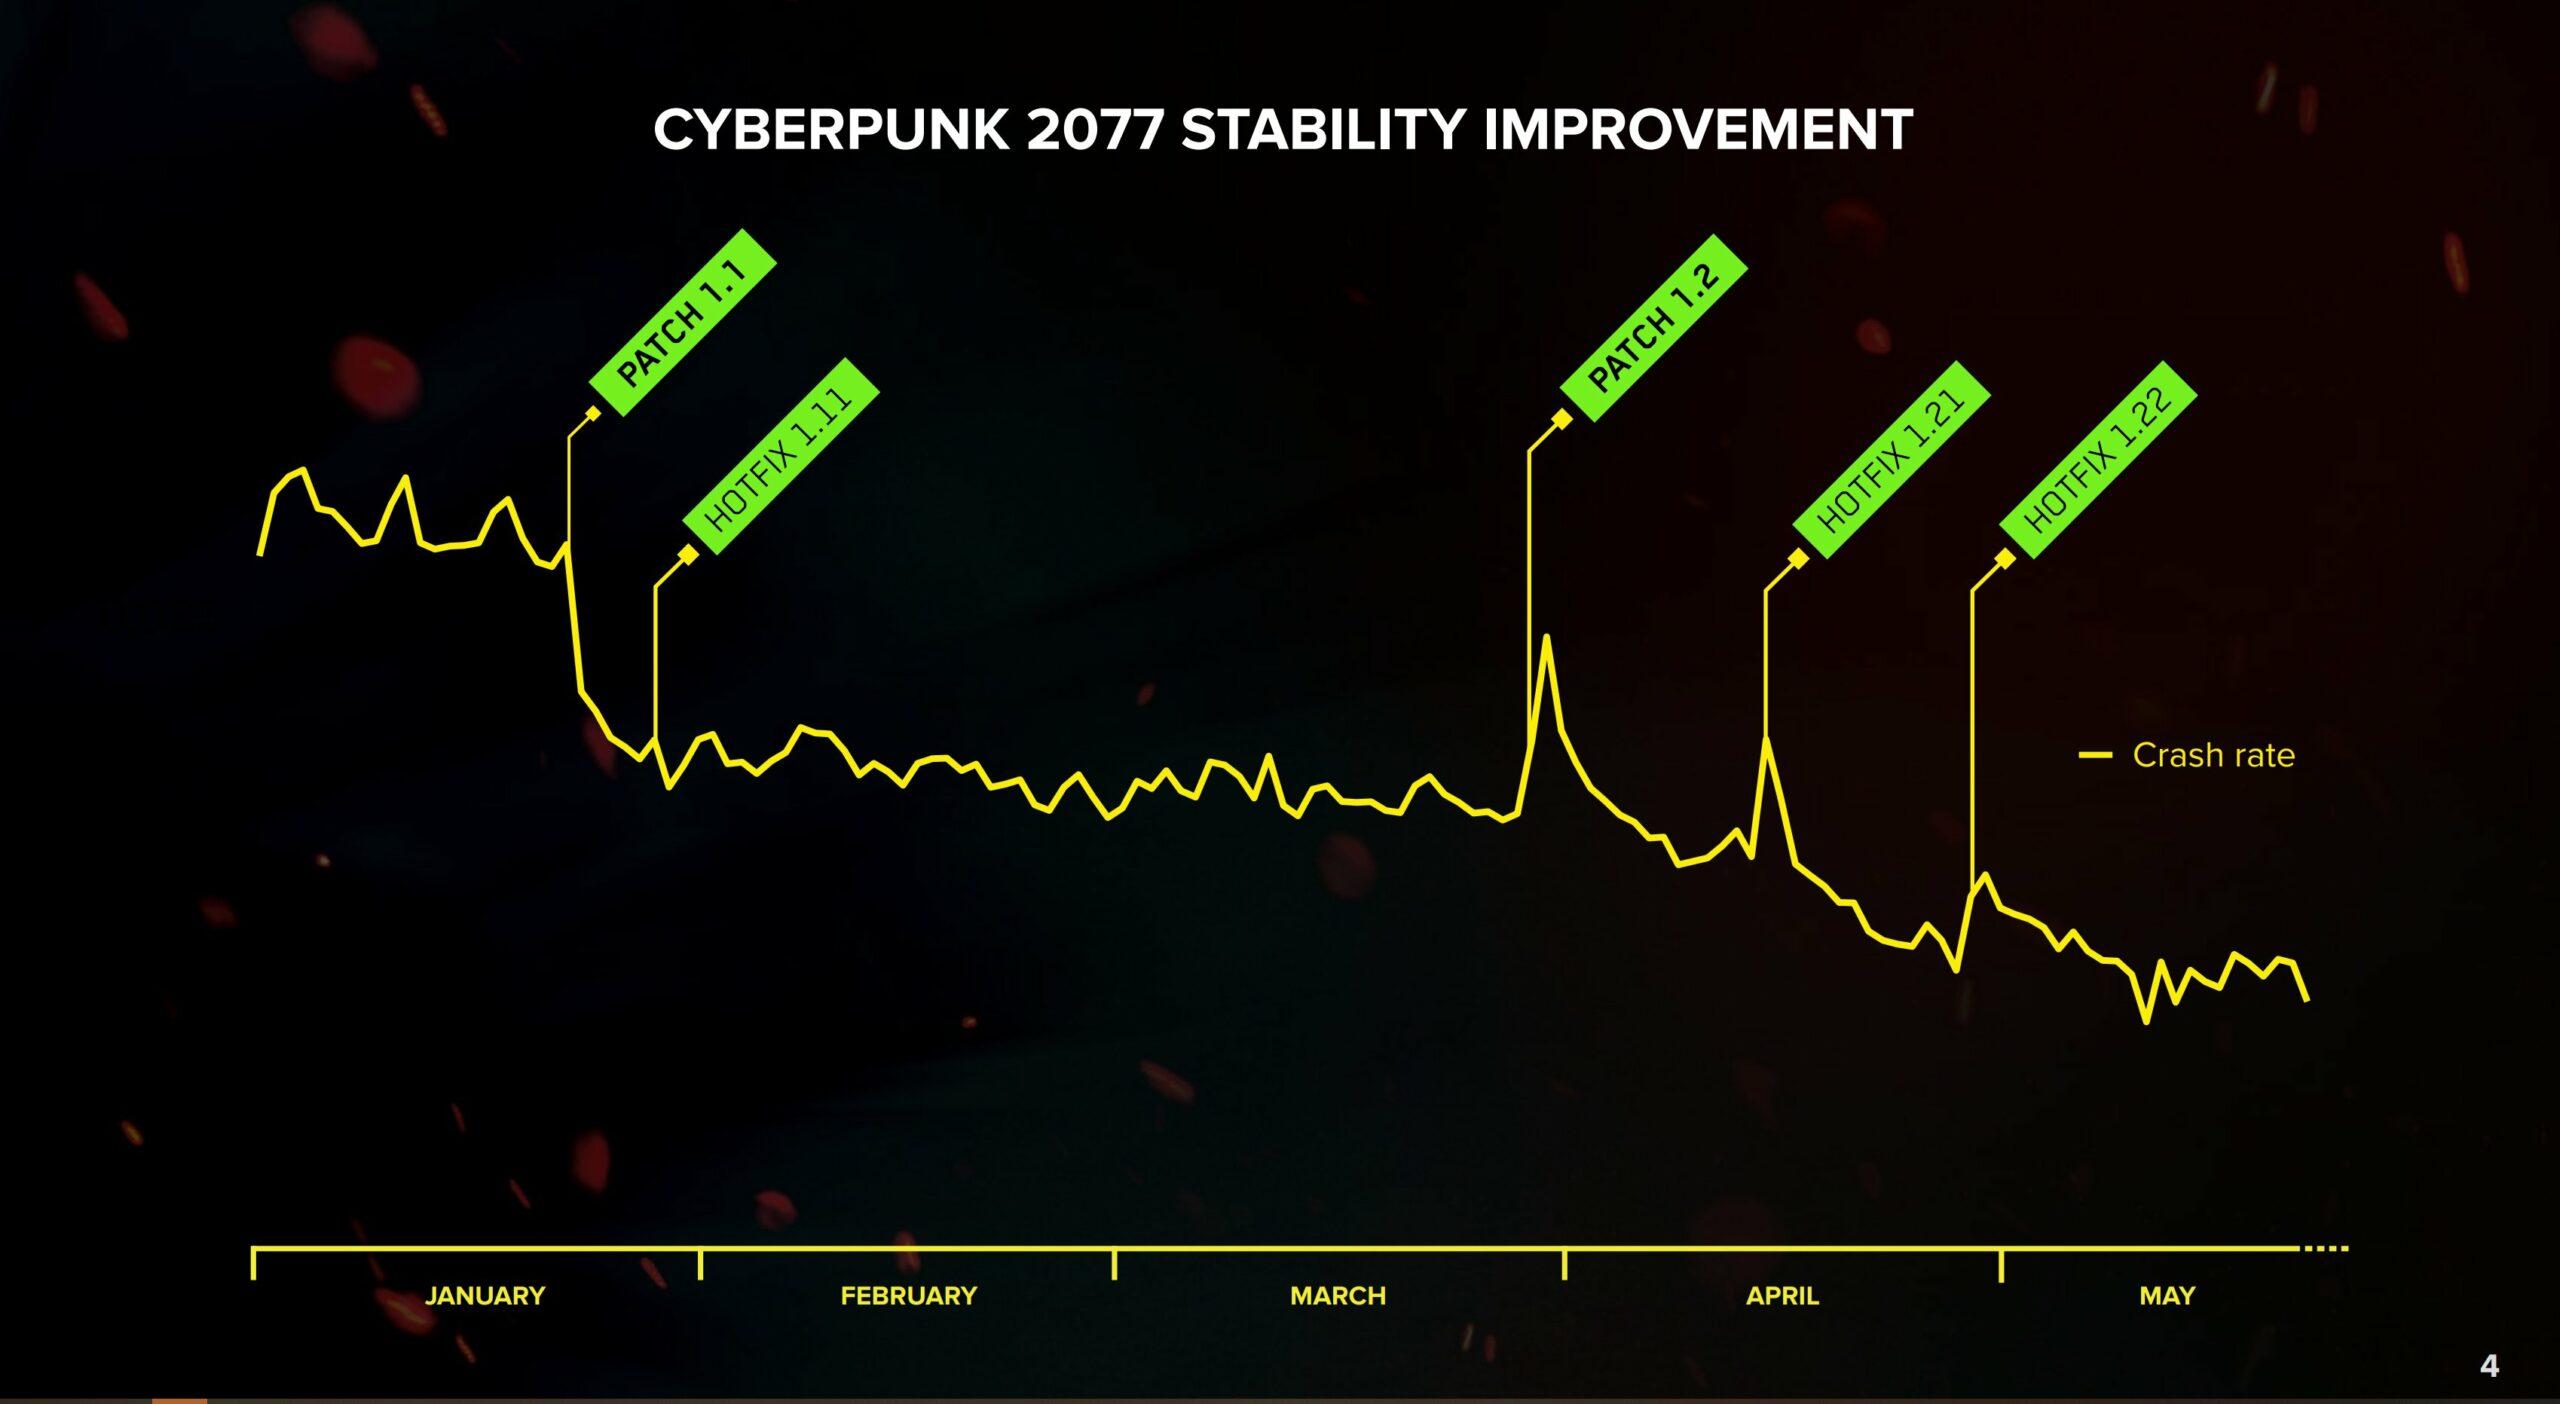 Tasso di crash di Cyberpunk 2077